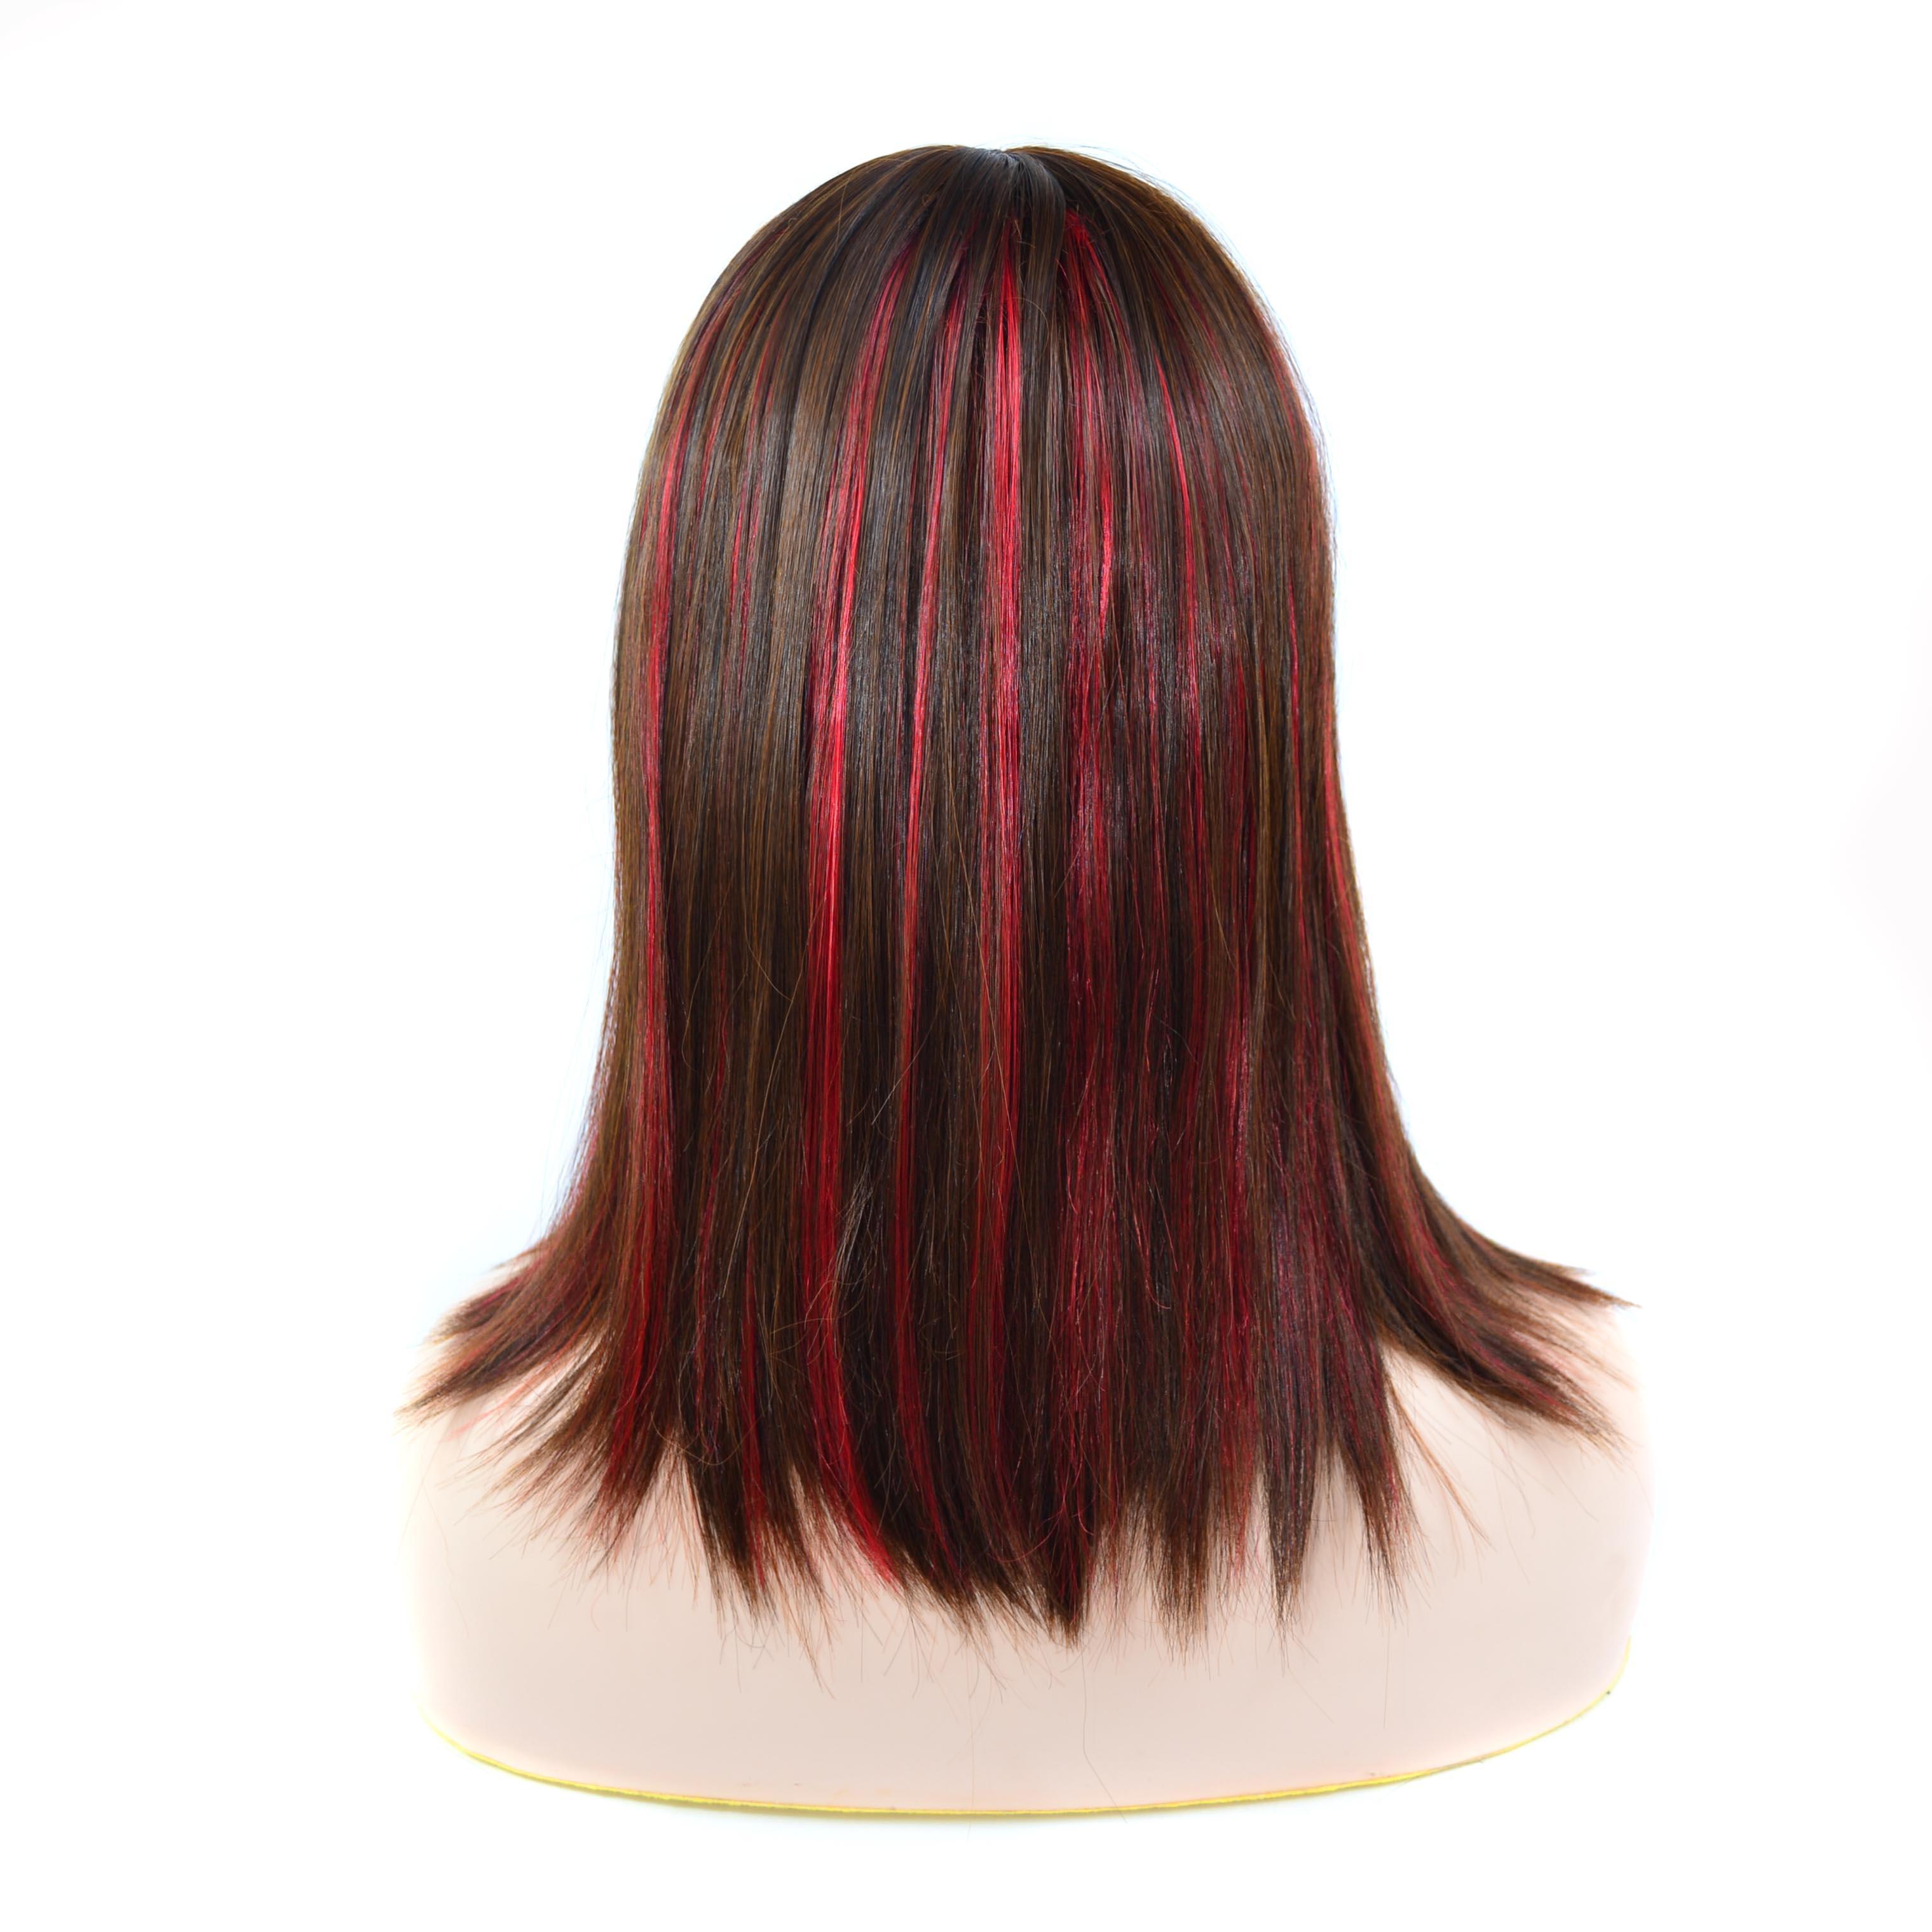 zm cabelo castanho claro vermelho curto 04